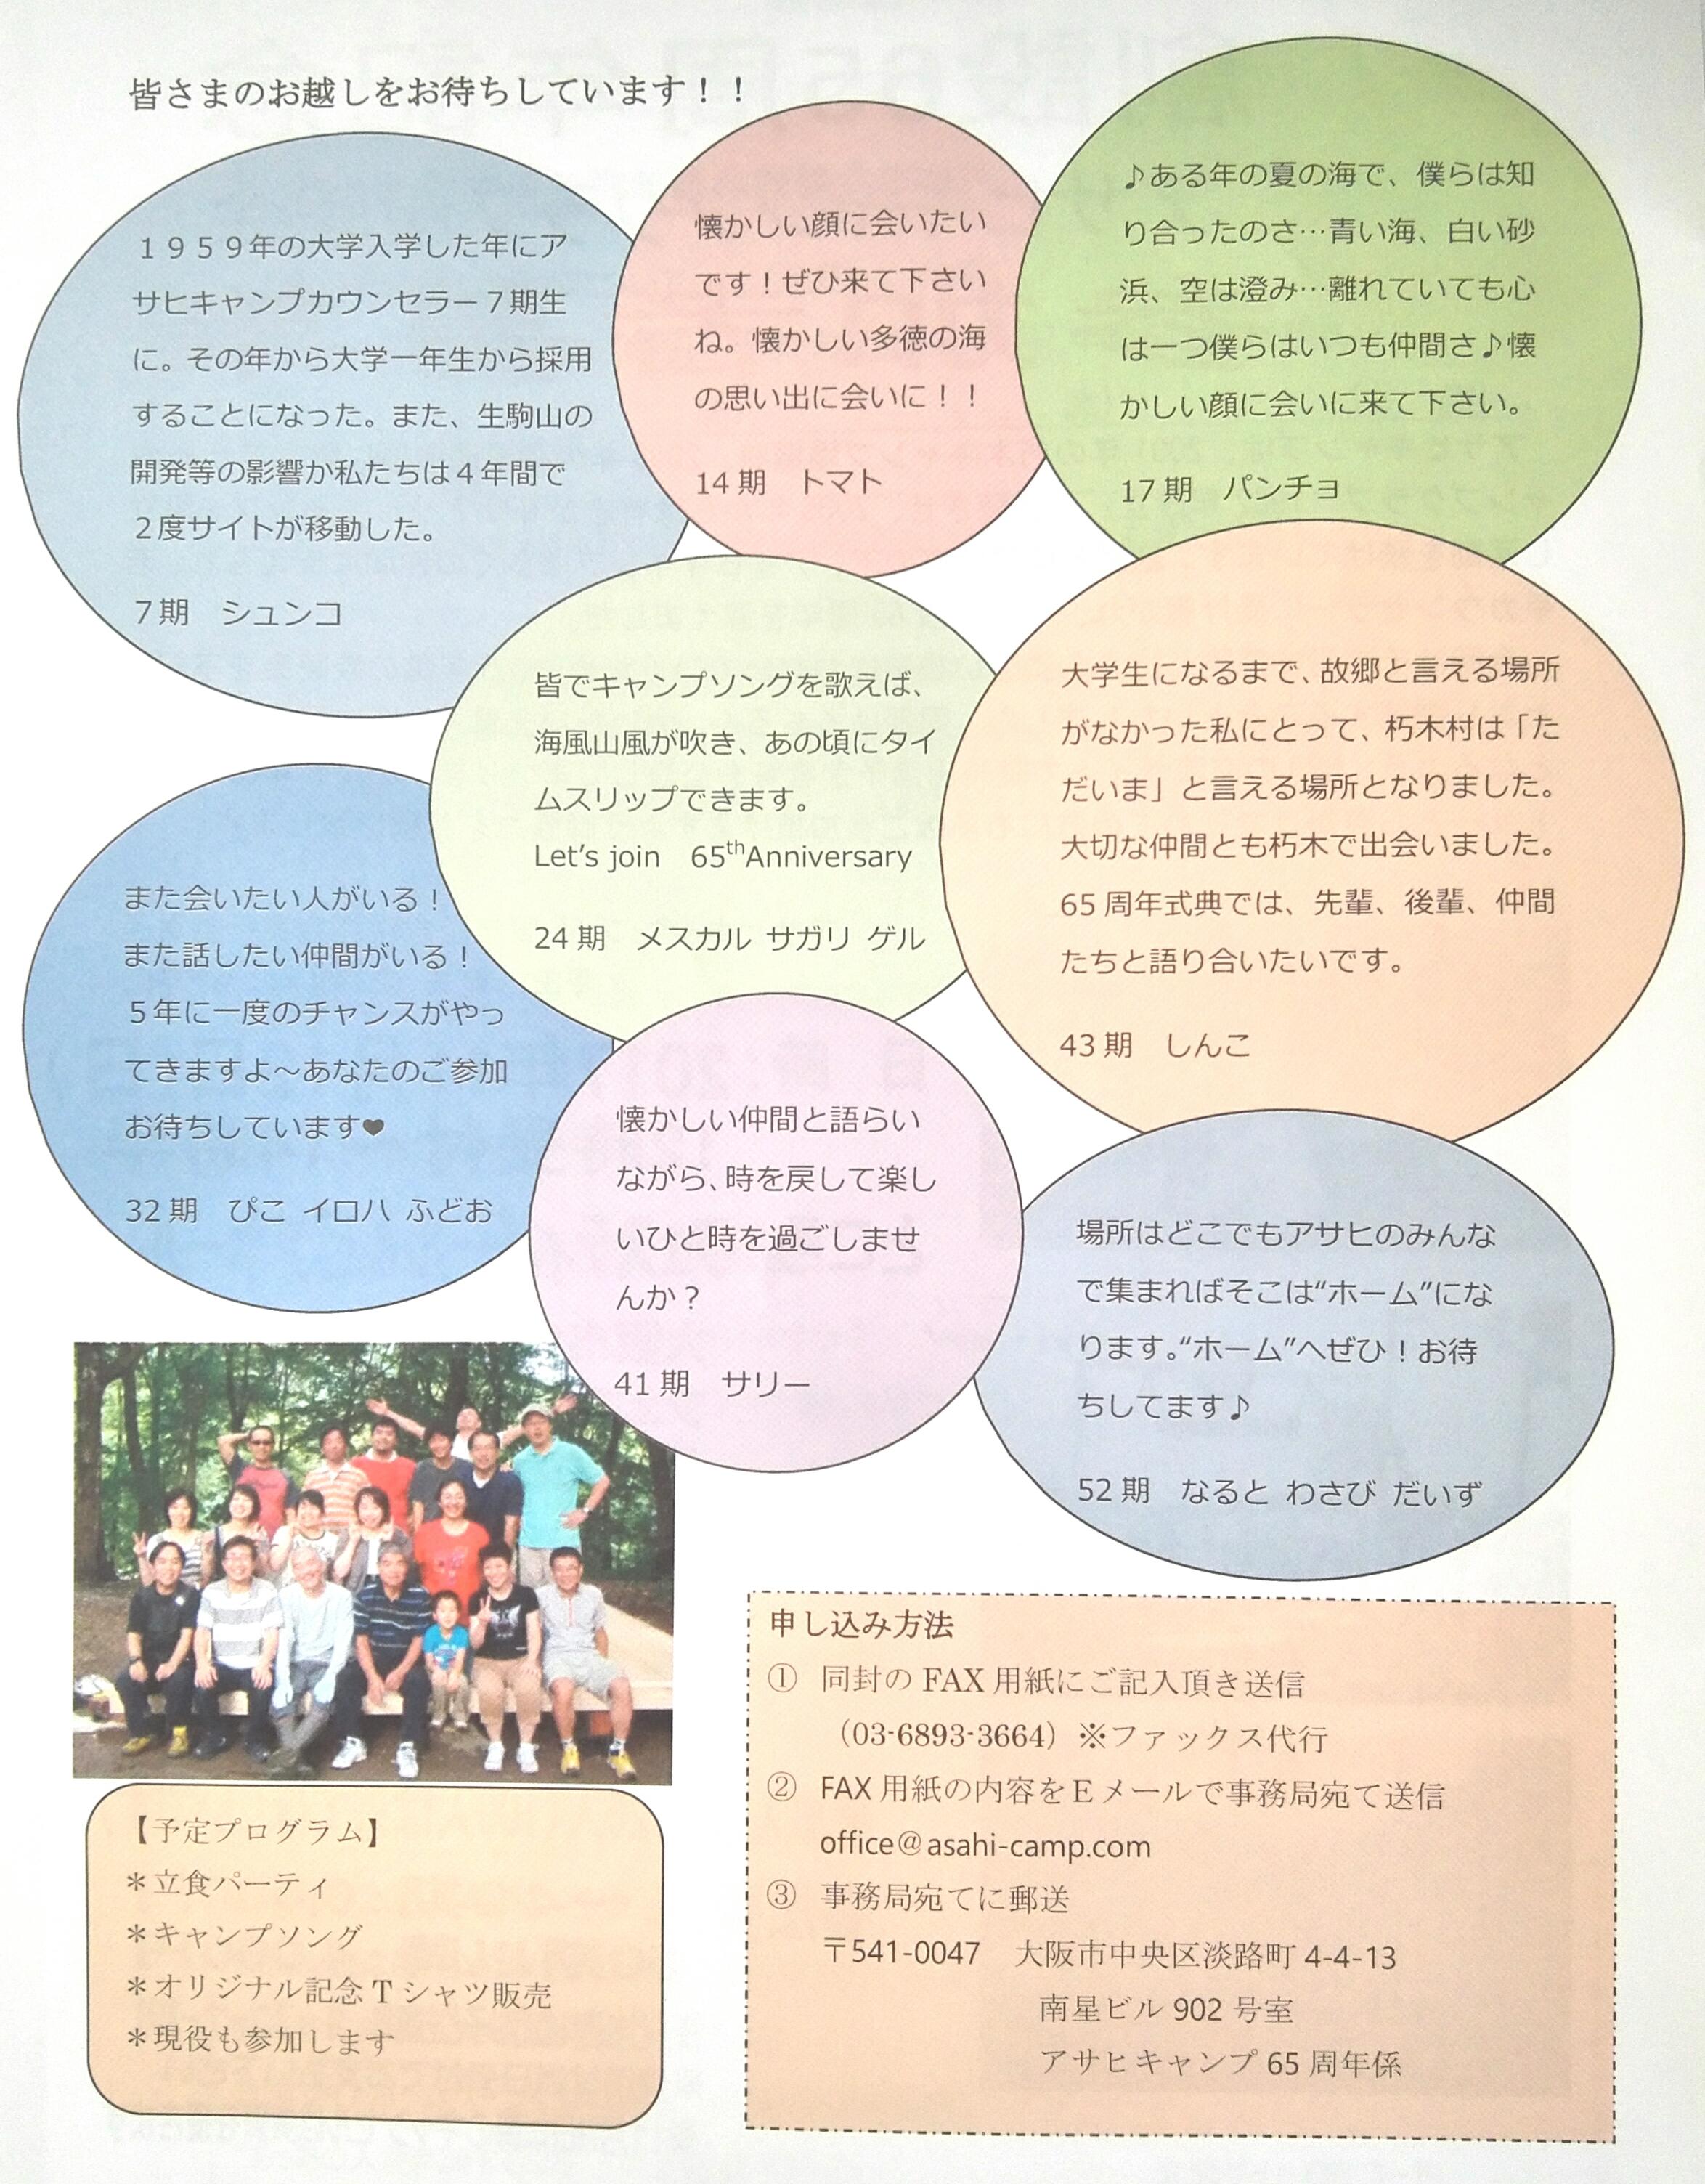 アサヒキャンプ大阪☆親睦交流サイトへようこそ!メニュー 月別アーカイブ: 8月 201765周年記念親睦会は11月12日(日)です!